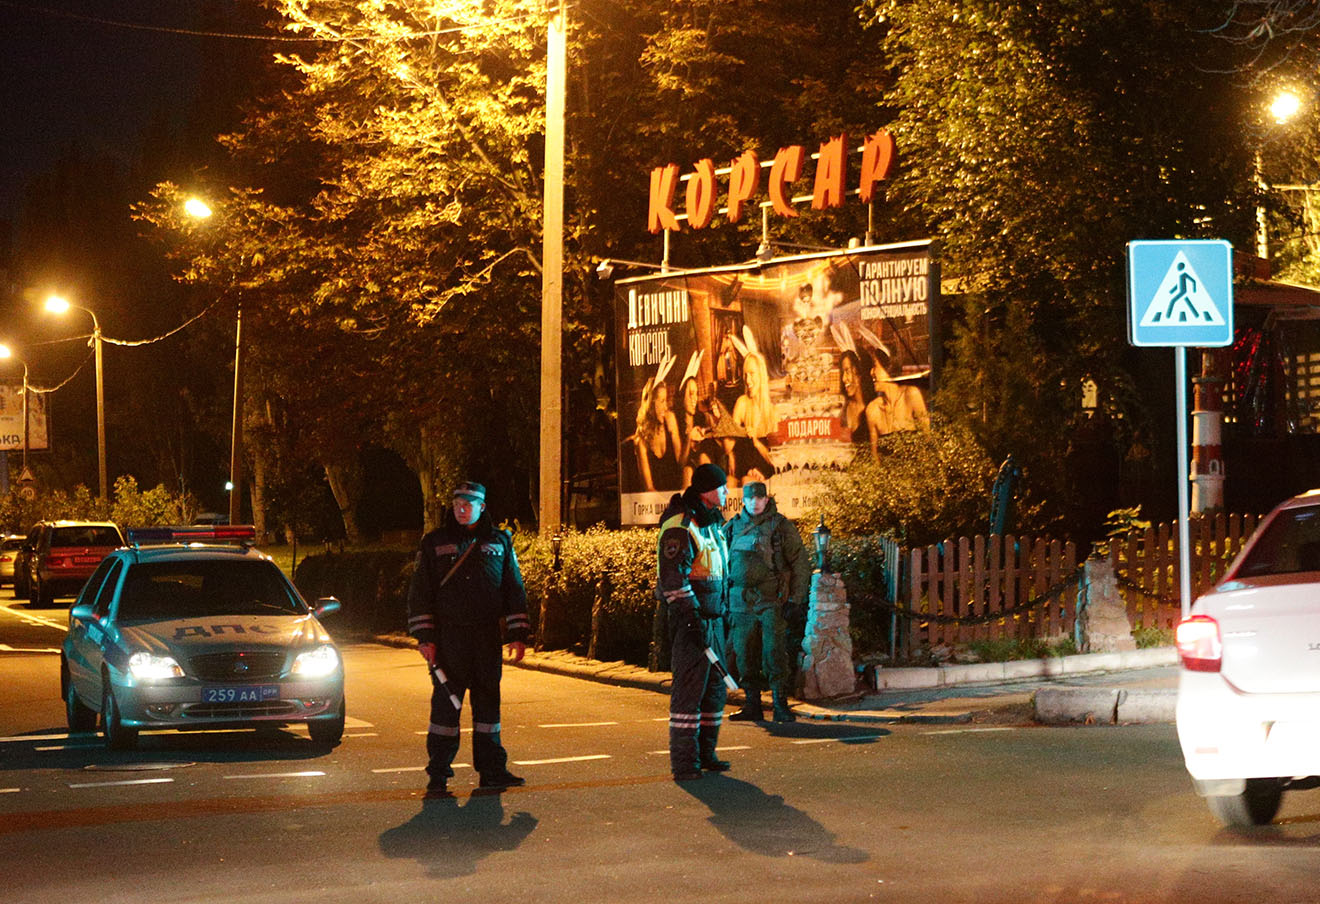 Оцепление на улице Челюскинцев у дома, где при взрыве погиб Арсен Павлов, Донецк, 16 октября 2016 года. Фото: Михаил Соколов / ТАСС